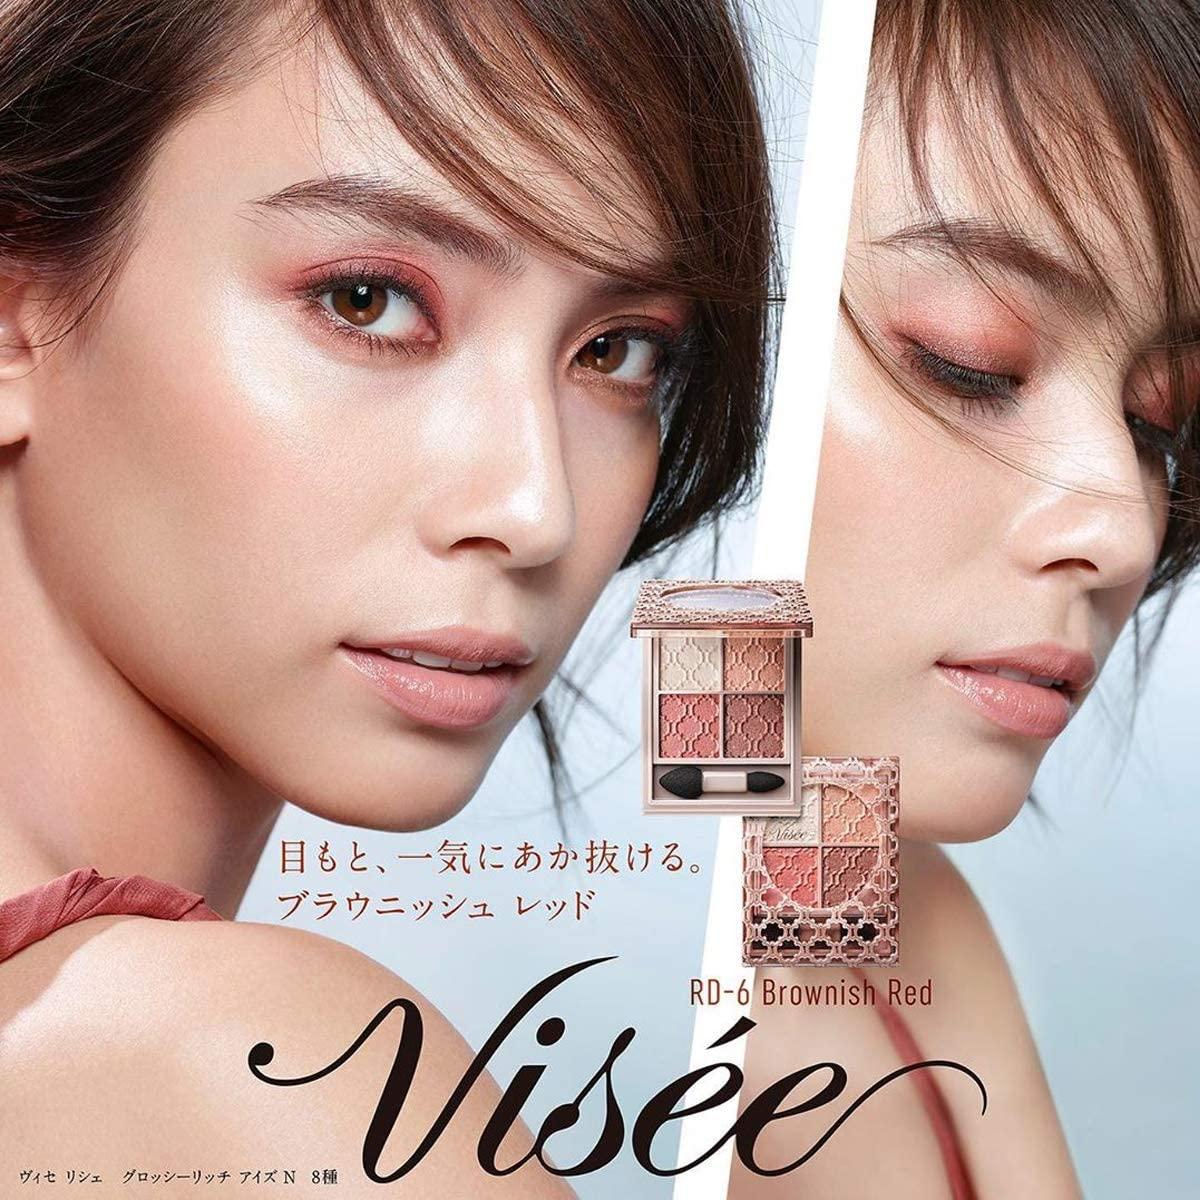 Visée(ヴィセ) リシェ グロッシーリッチ アイズ Nの商品画像4